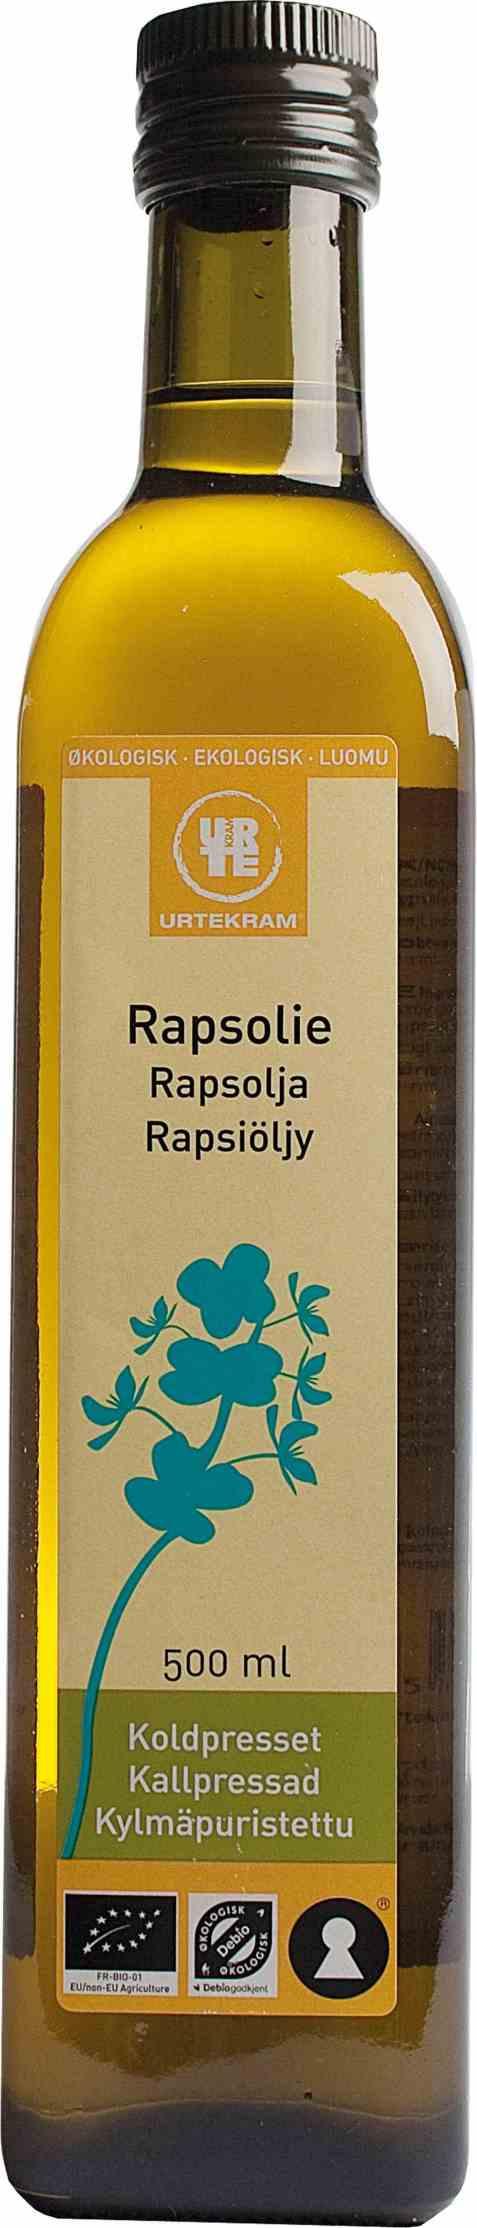 Bilde av Urtekram rapsolje 500 ml.